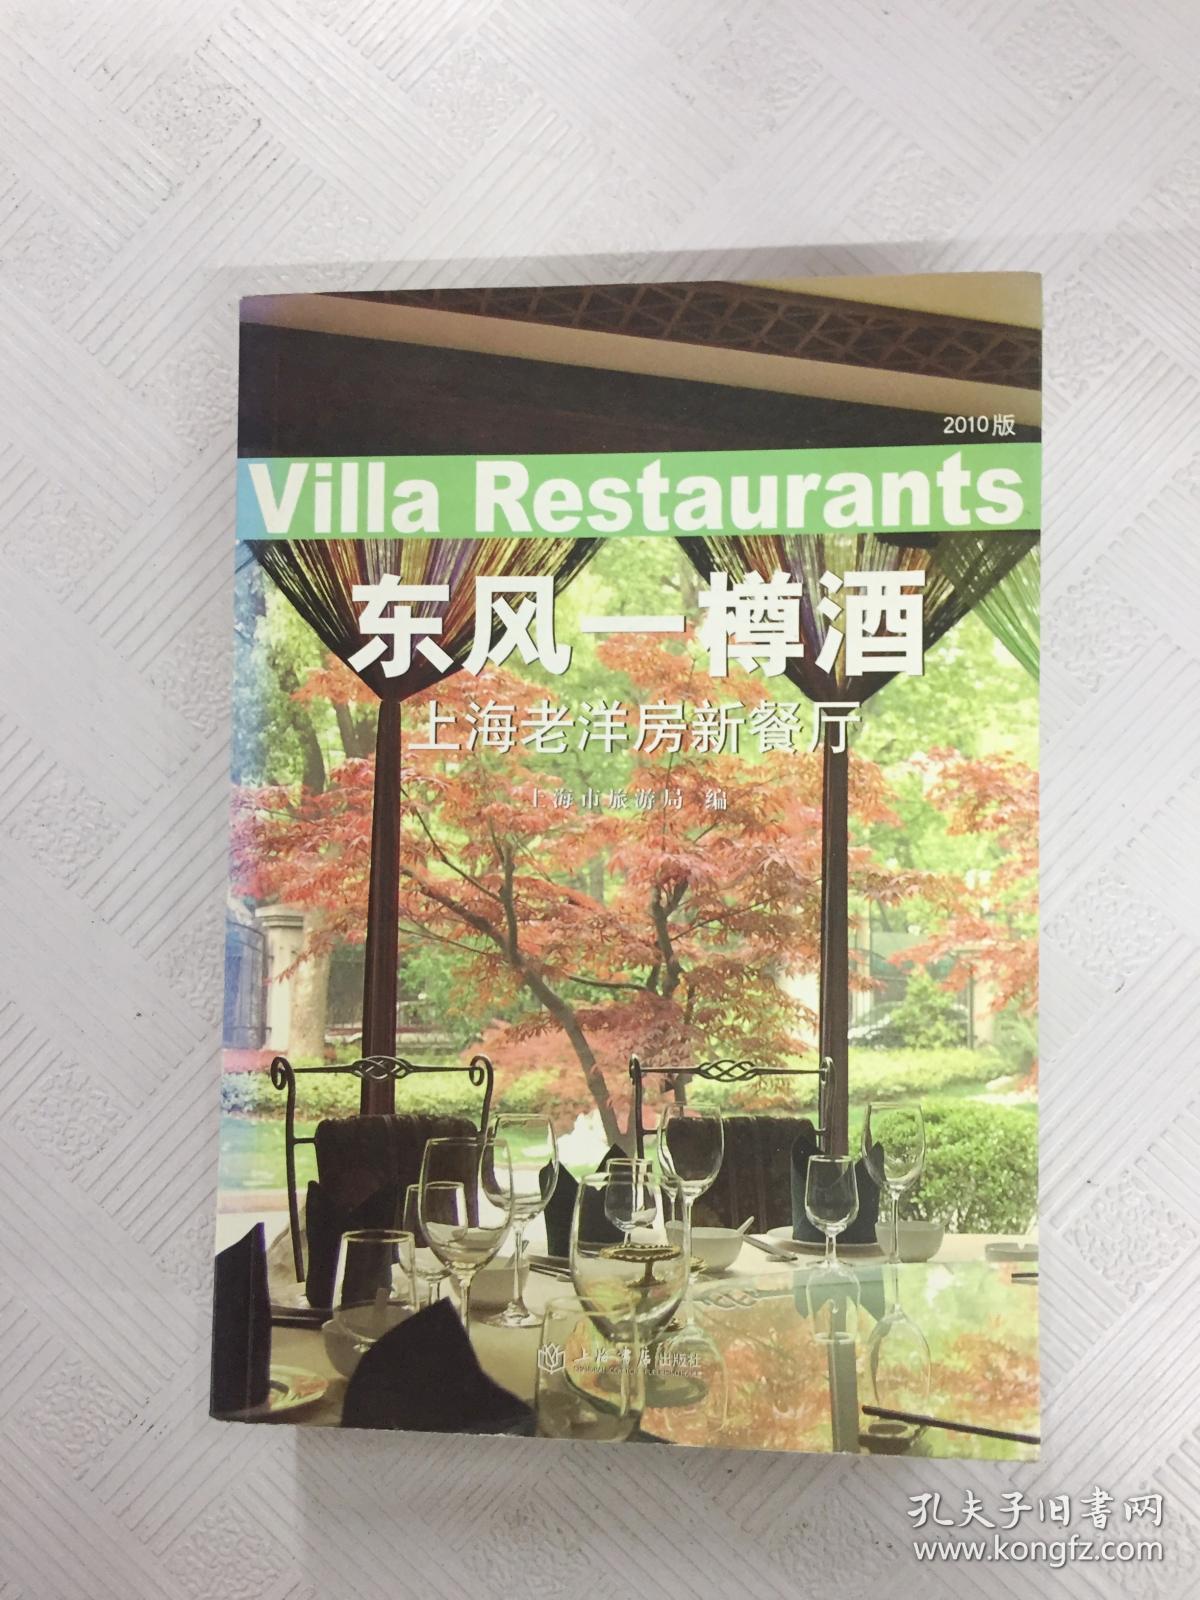 I422292 东风一樽酒: 上海老洋房新餐厅(一版一印)